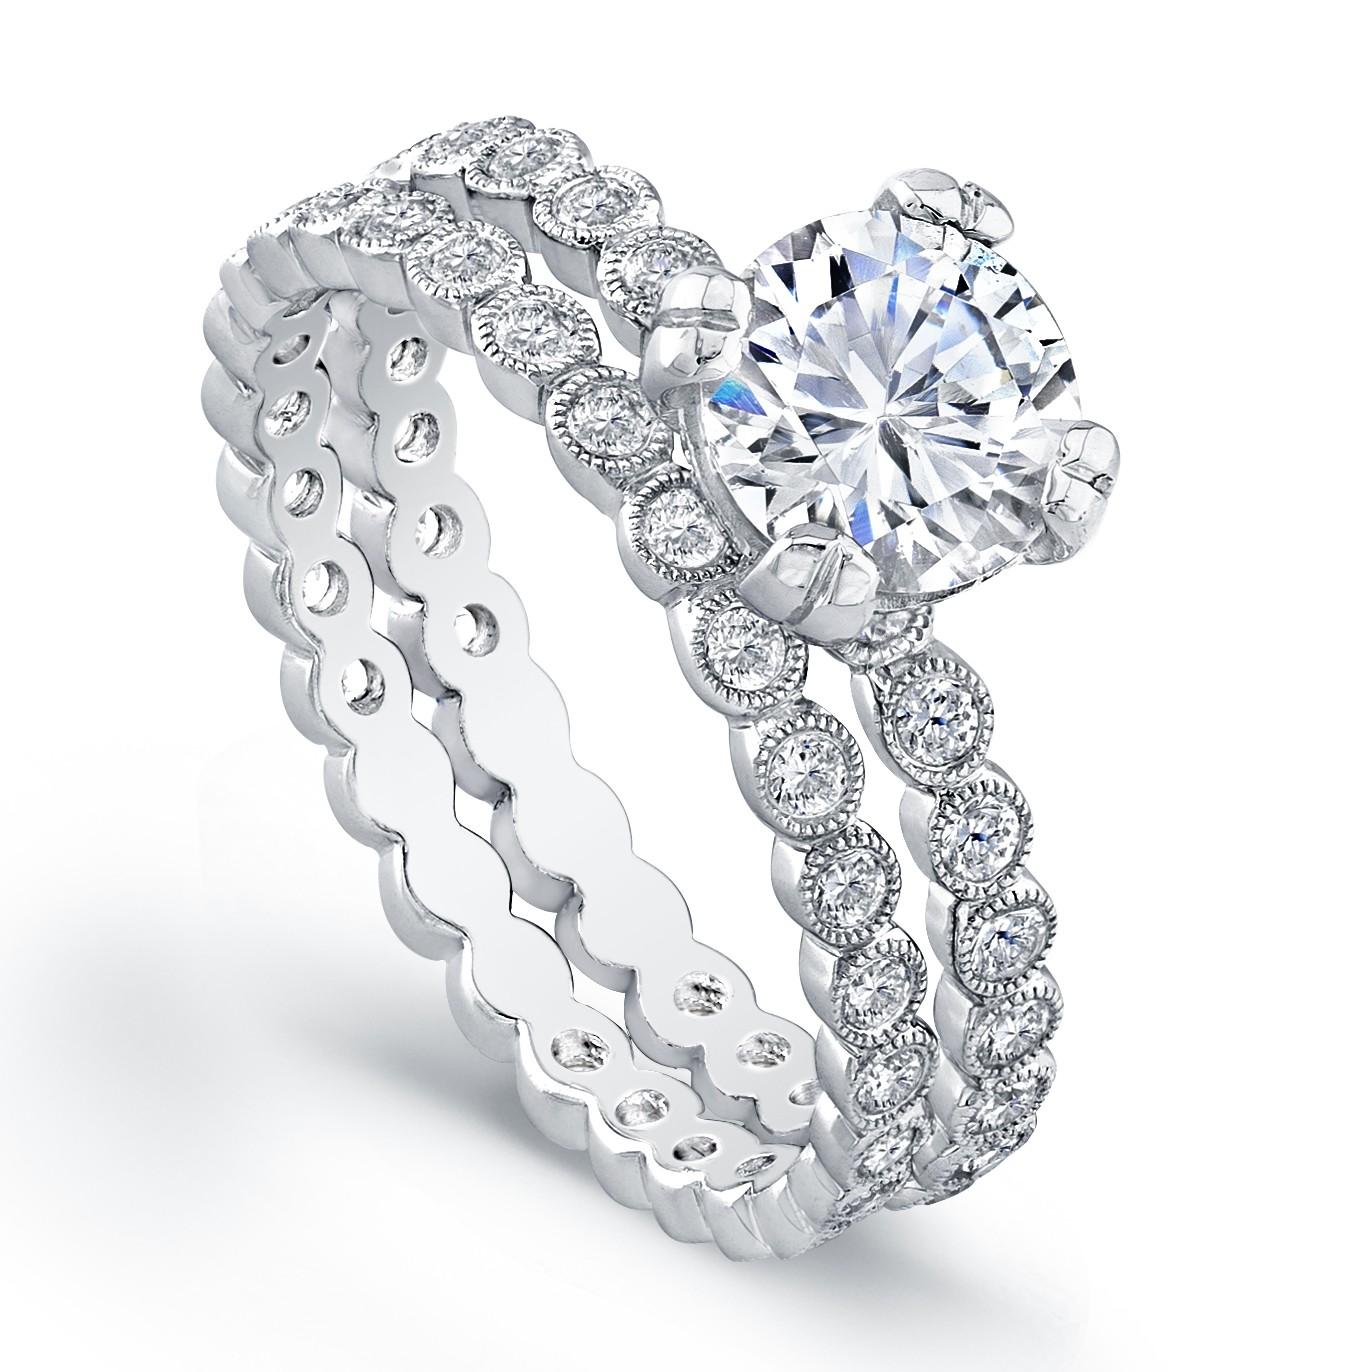 White Gold Ladies Engagement Ring R4019(C)-D,D,CZ